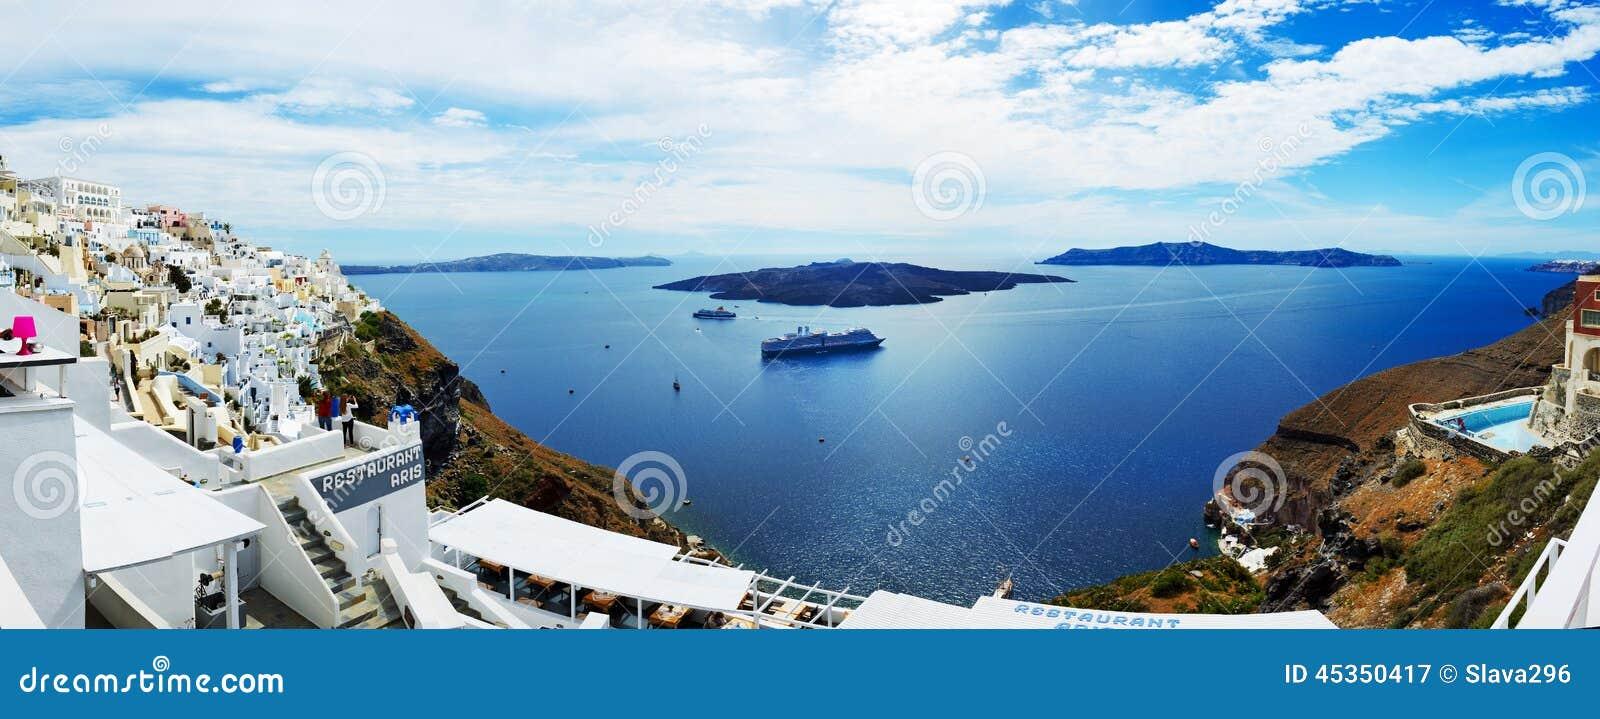 La vue sur la ville et les touristes de Fira appréciant leurs vacances